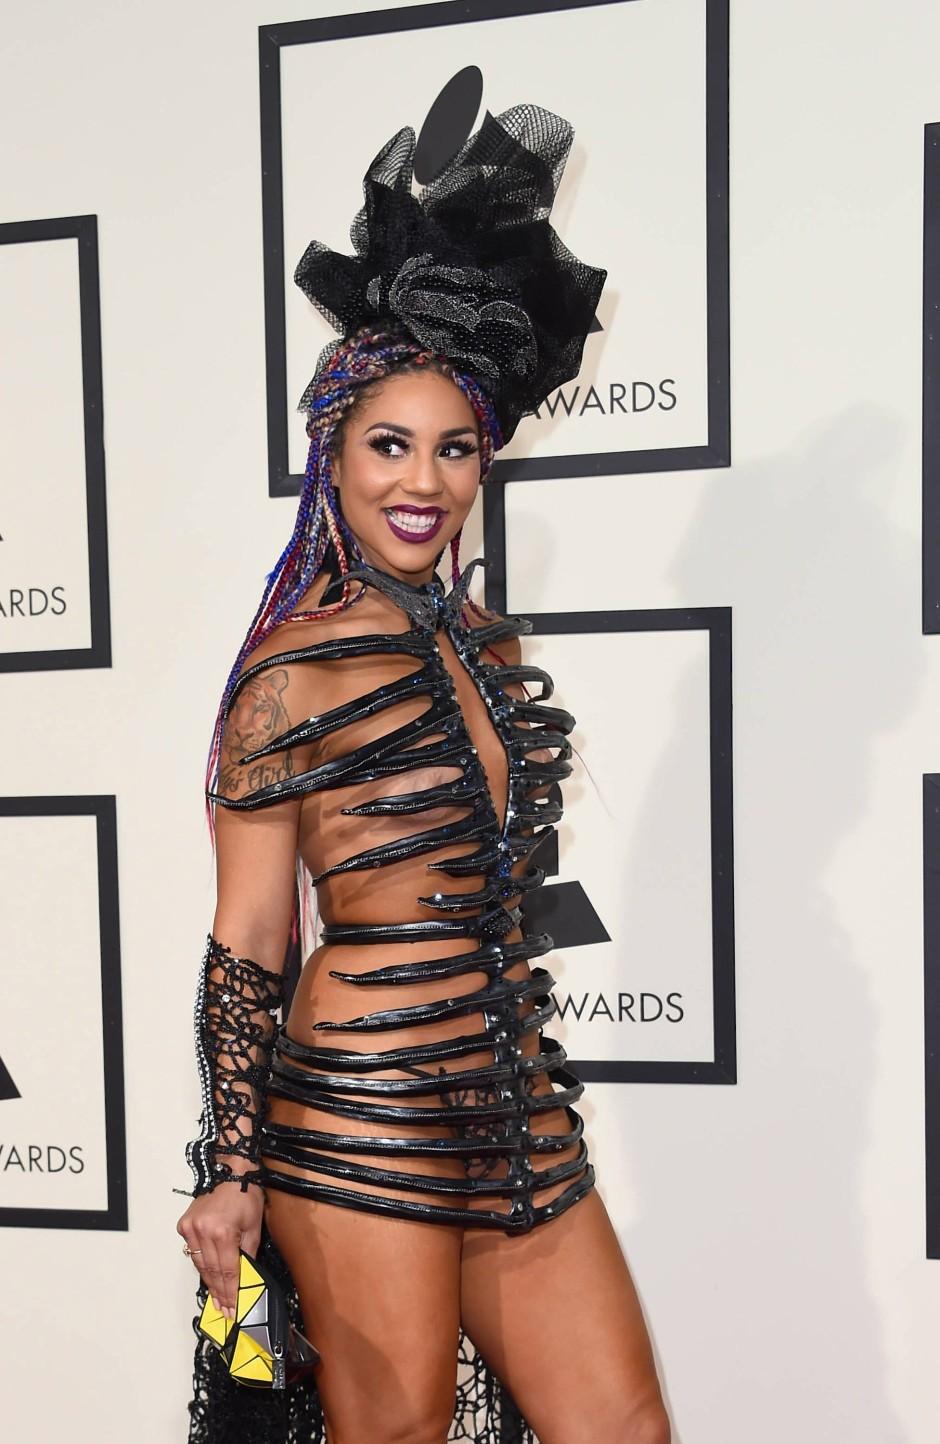 Villa bei den Grammys 2016, in einem Hauch von Nichts